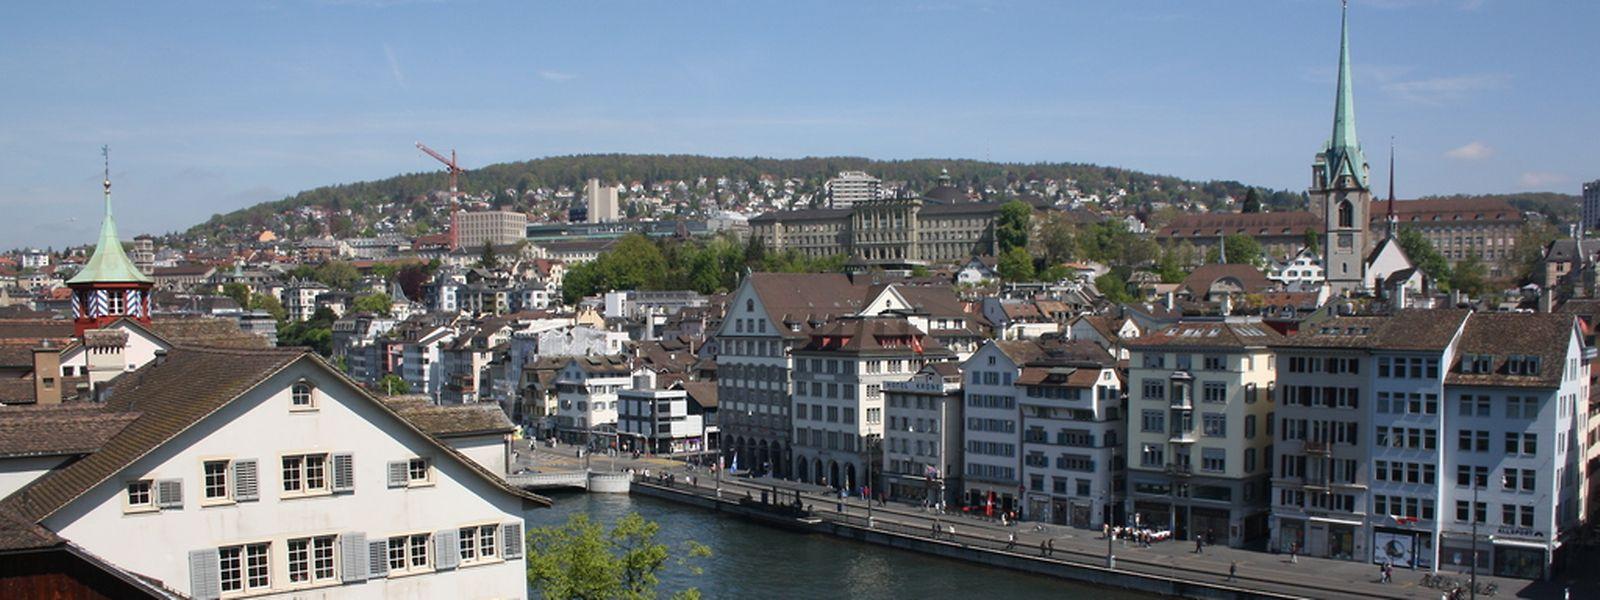 """""""Abgesehen vom ausgezeichneten Angebot der zahlreichen Hochschulen bietet Zürich den Studierenden einen sehr hohen Lebensstandard und reichlich Freizeitaktivitäten an."""""""